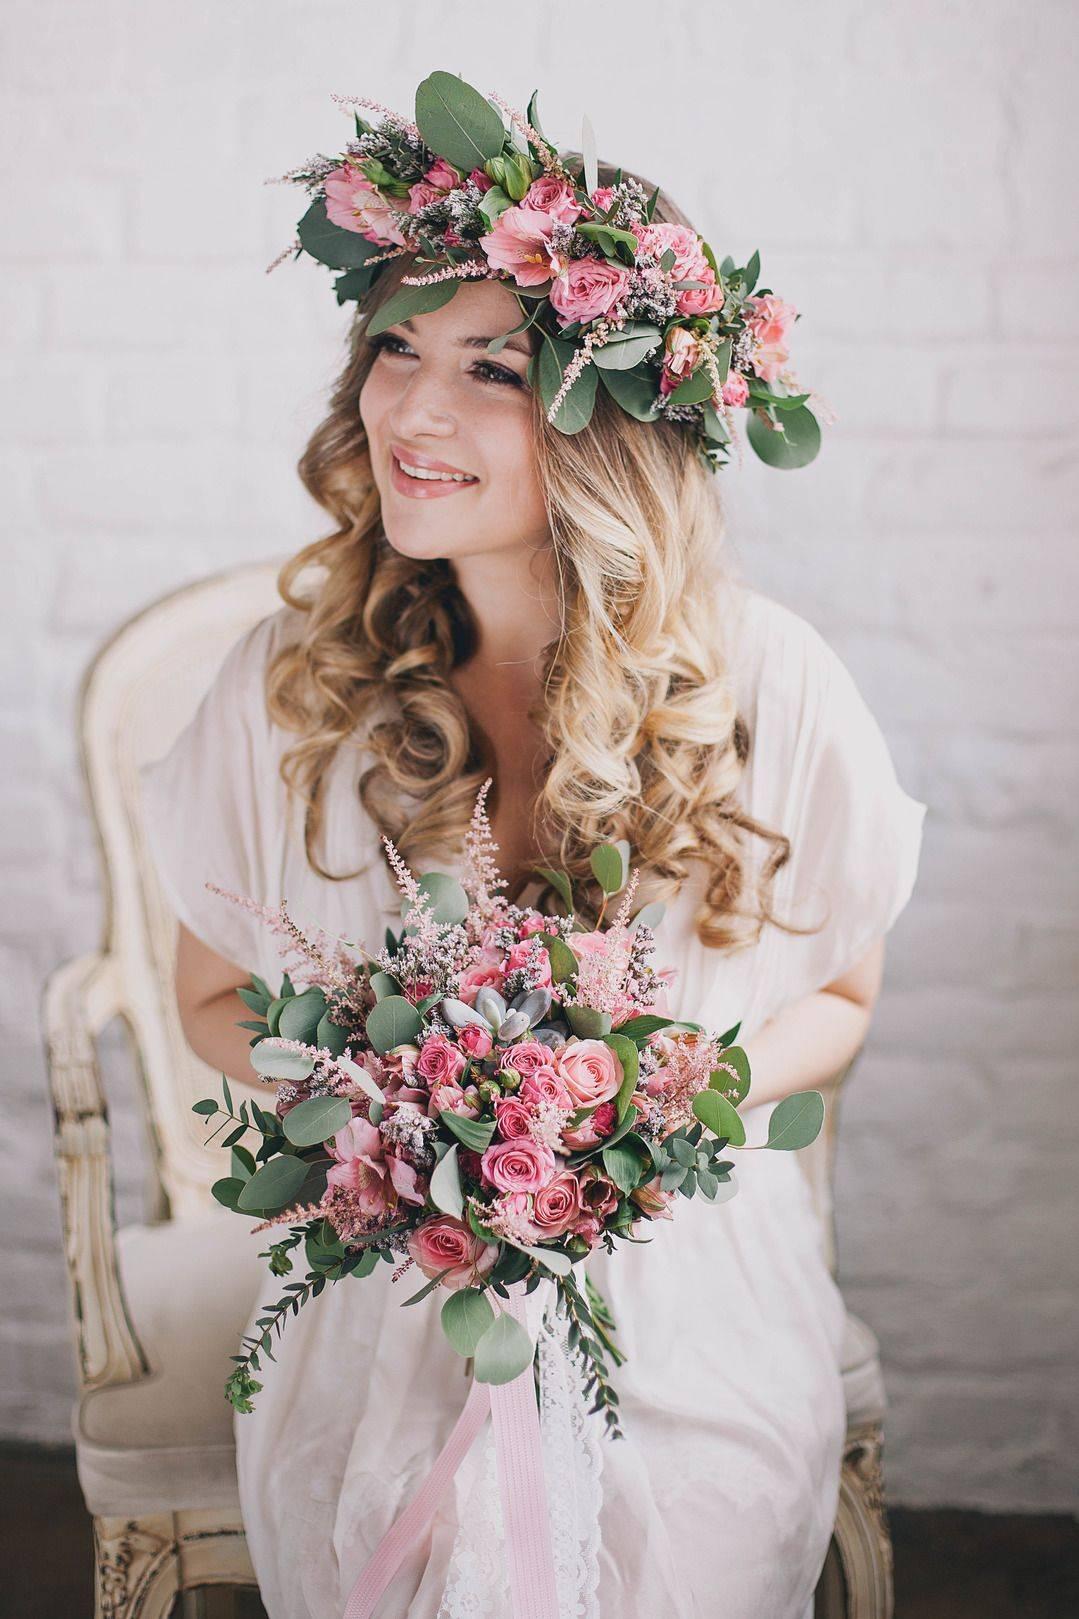 Свадебный венок на голову – свадебный образ с венком из цветов, ягод, лент, с перьями